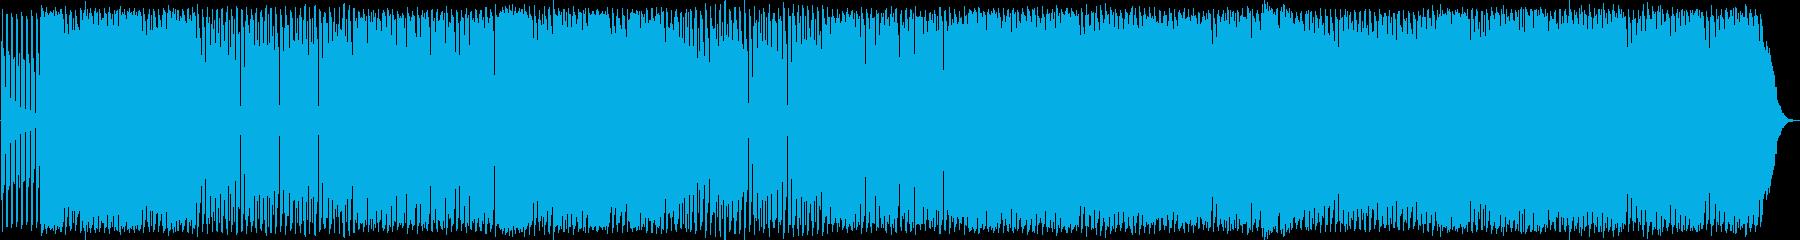 アップテンポファンキーハウスミュージックの再生済みの波形